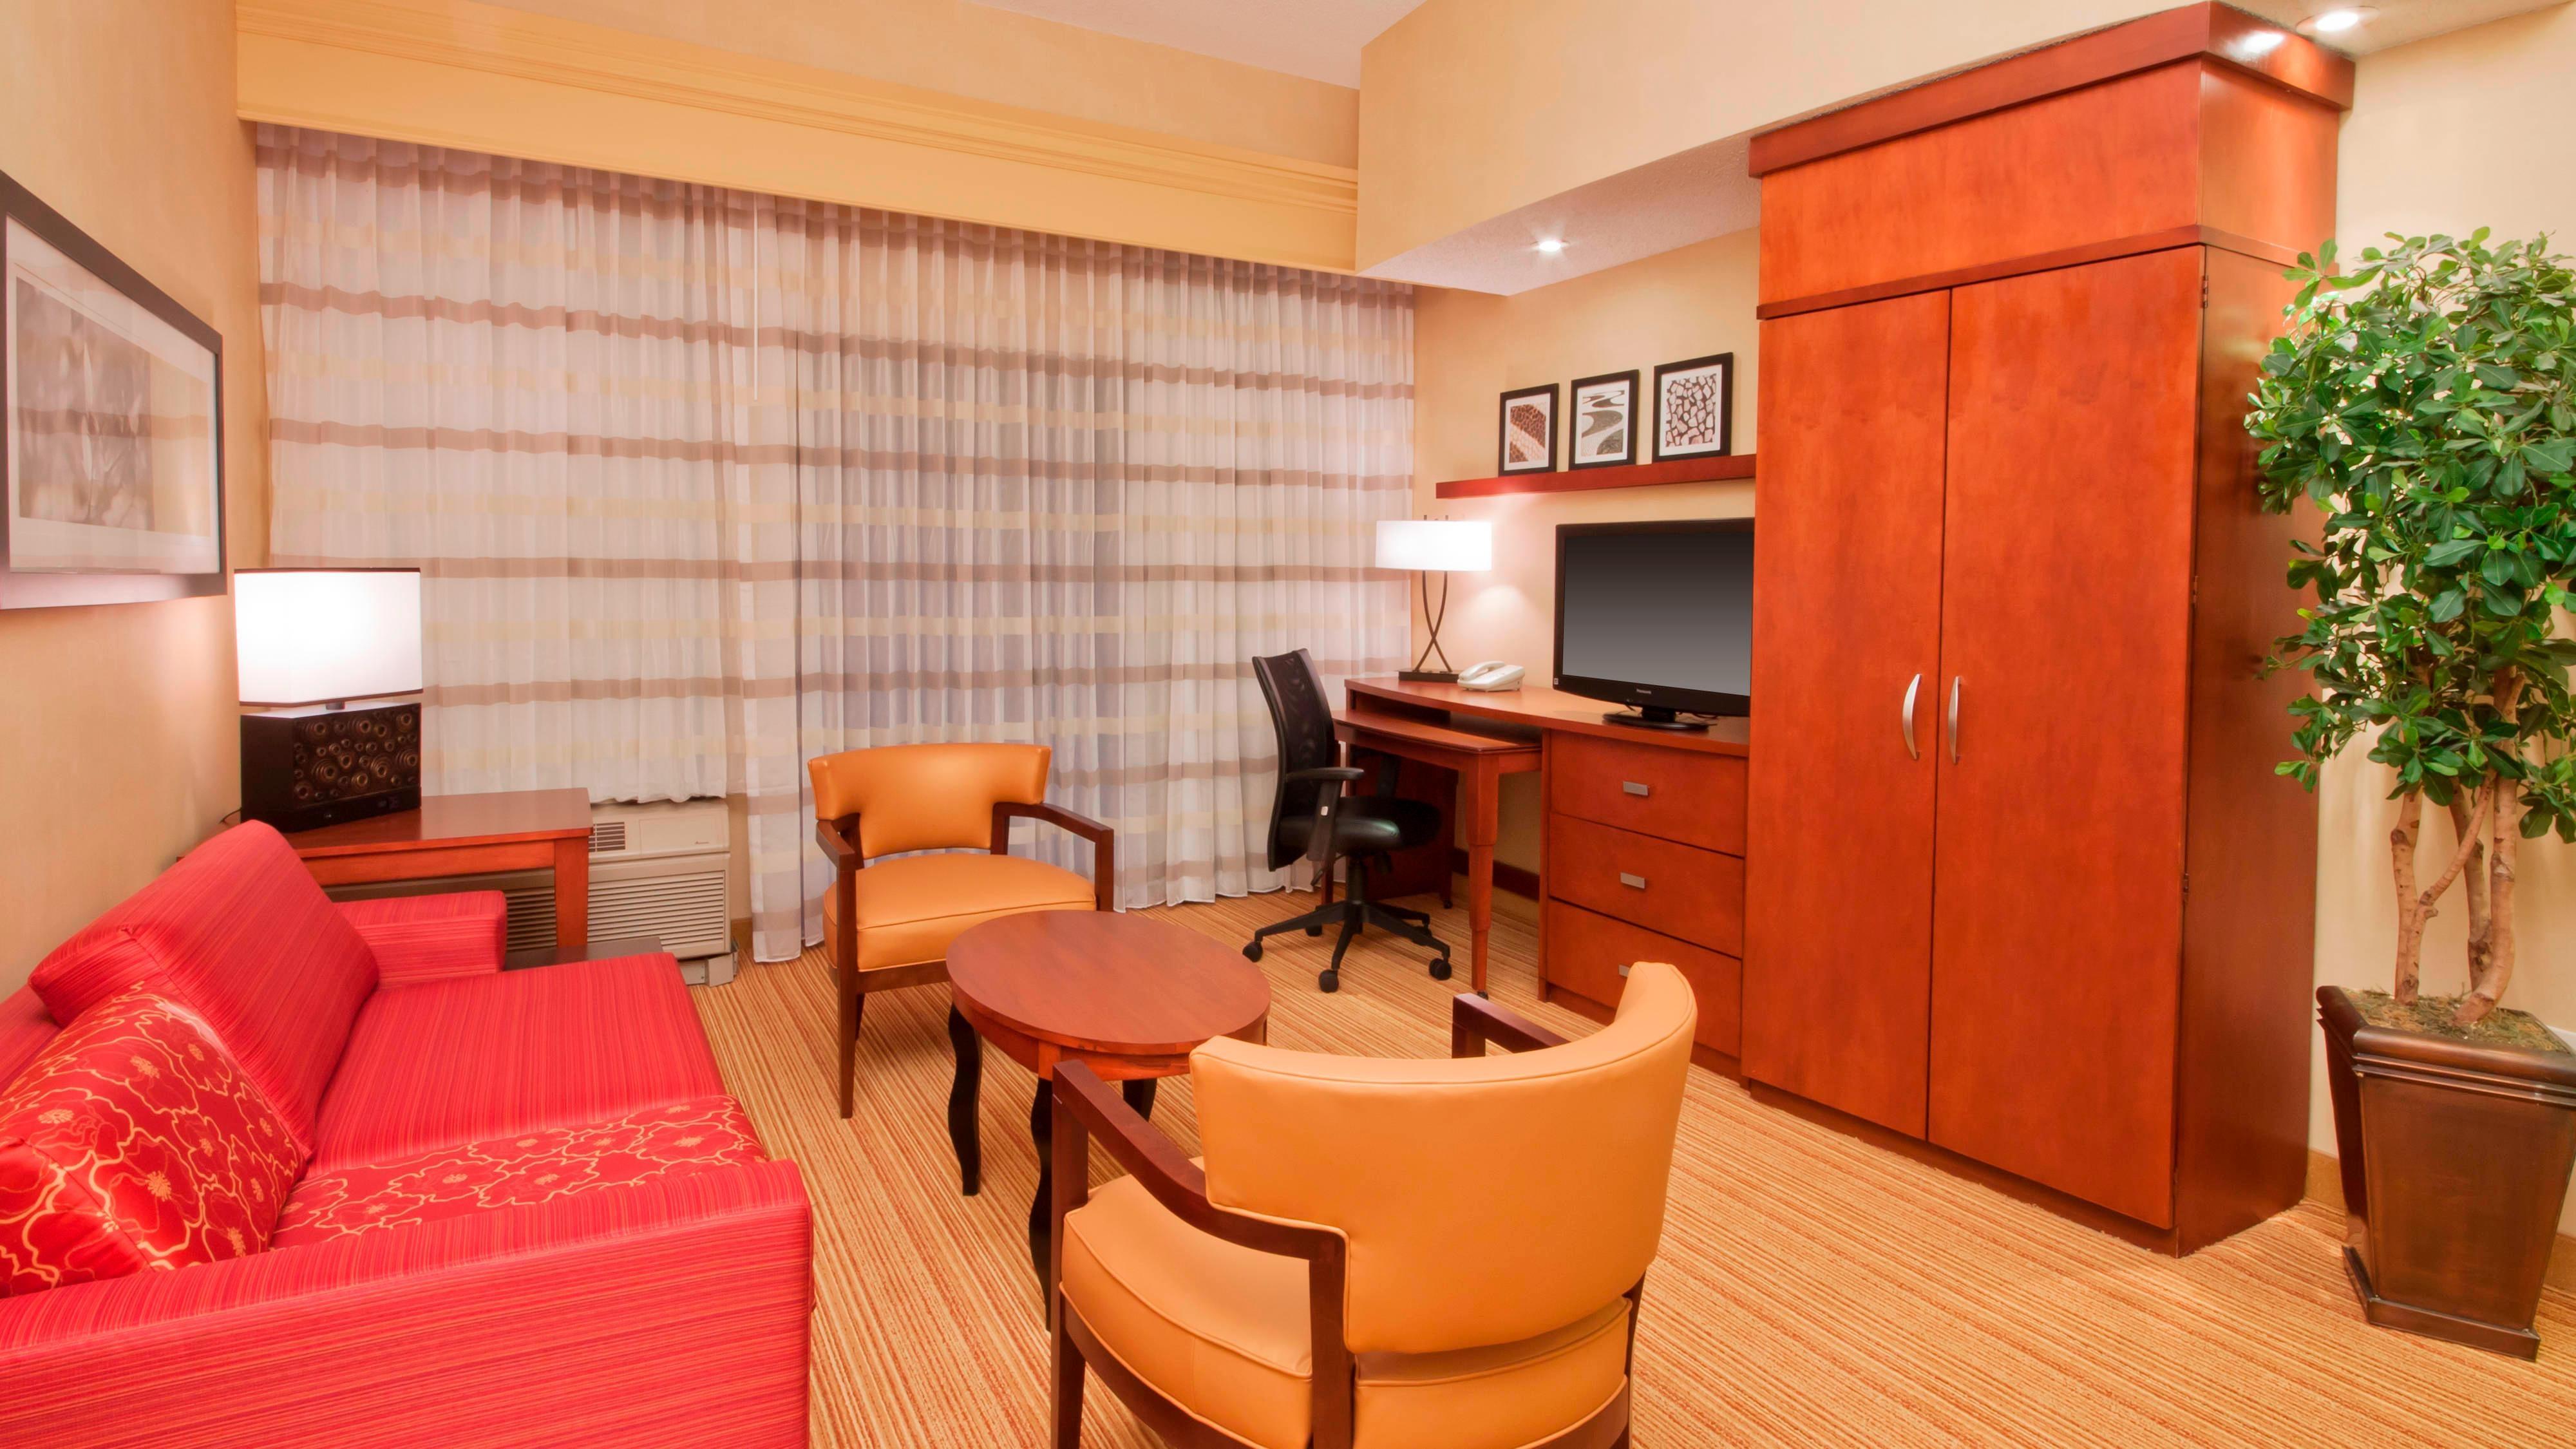 Sala de estar de la suite del hotel en Amarillo